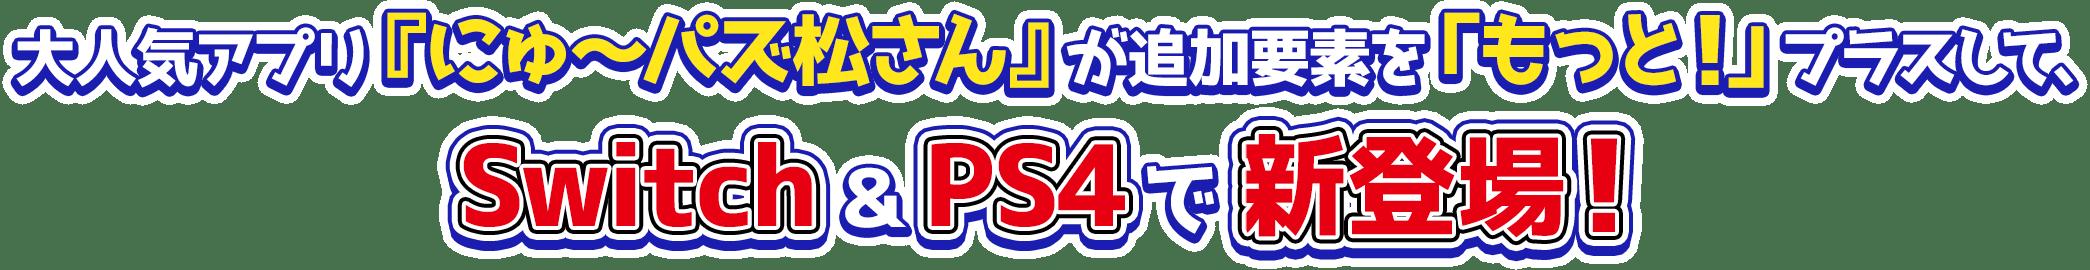 大人気アプリ『にゅ~パズ松さん』が追加要素を「もっと!」プラスして、 Switch&PS4で新登場!